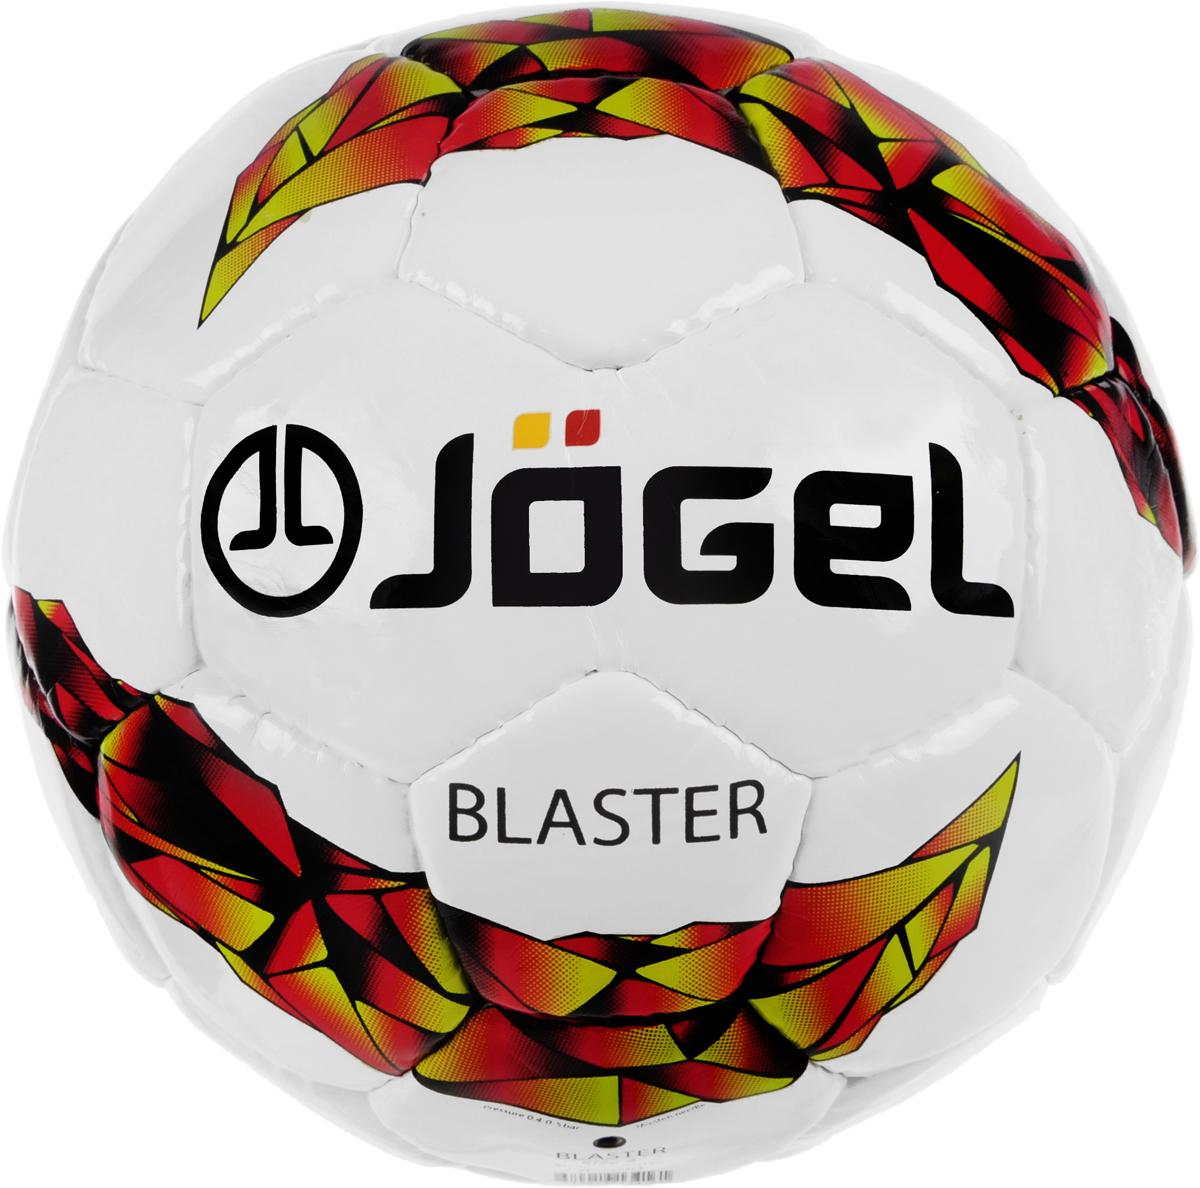 Мяч футзальный Jogel Blaster, цвет: белый, красный, черный. Размер 4. JF-500УТ-00009480Jogel Blaster - это качественный тренировочный футзальный мяч ручной сшивки, имеющий плотный материал покрышки, благодаря чему обеспечивается более мягкий контакт и максимальная прочность.Данный мяч рекомендован для тренировок и тренировочных игр клубных и любительских команд. Поверхность мяча выполнена из износостойкой синтетической кожи (полиуретан) толщиной 1,2 мм. Мяч имеет 4 подкладочных слоя на нетканой основе (смесь хлопка с полиэстером) и оснащен бутиловой камерой со специальным наполнителем, обеспечивающим рекомендованный FIFA низкий отскок.Уникальной особенностью является традиционная конструкция мяча из 30 панелей. Привлекательный дизайн ярко выделяет мяч на витрине. Официальный размер, вес и отскок FIFA.Рекомендованные покрытия: паркет, уличные площадки с твердыми ровными покрытиями.Количество подкладочных слоев:4.Количество панелей:30.Вес:400-440 г.Длина окружности: 62-64 смРекомендованное давление: 0,6-0,8 бар.УВАЖЕМЫЕ КЛИЕНТЫ!Обращаем ваше внимание на тот факт, что мяч поставляется в сдутом виде. Насос в комплект не входит.